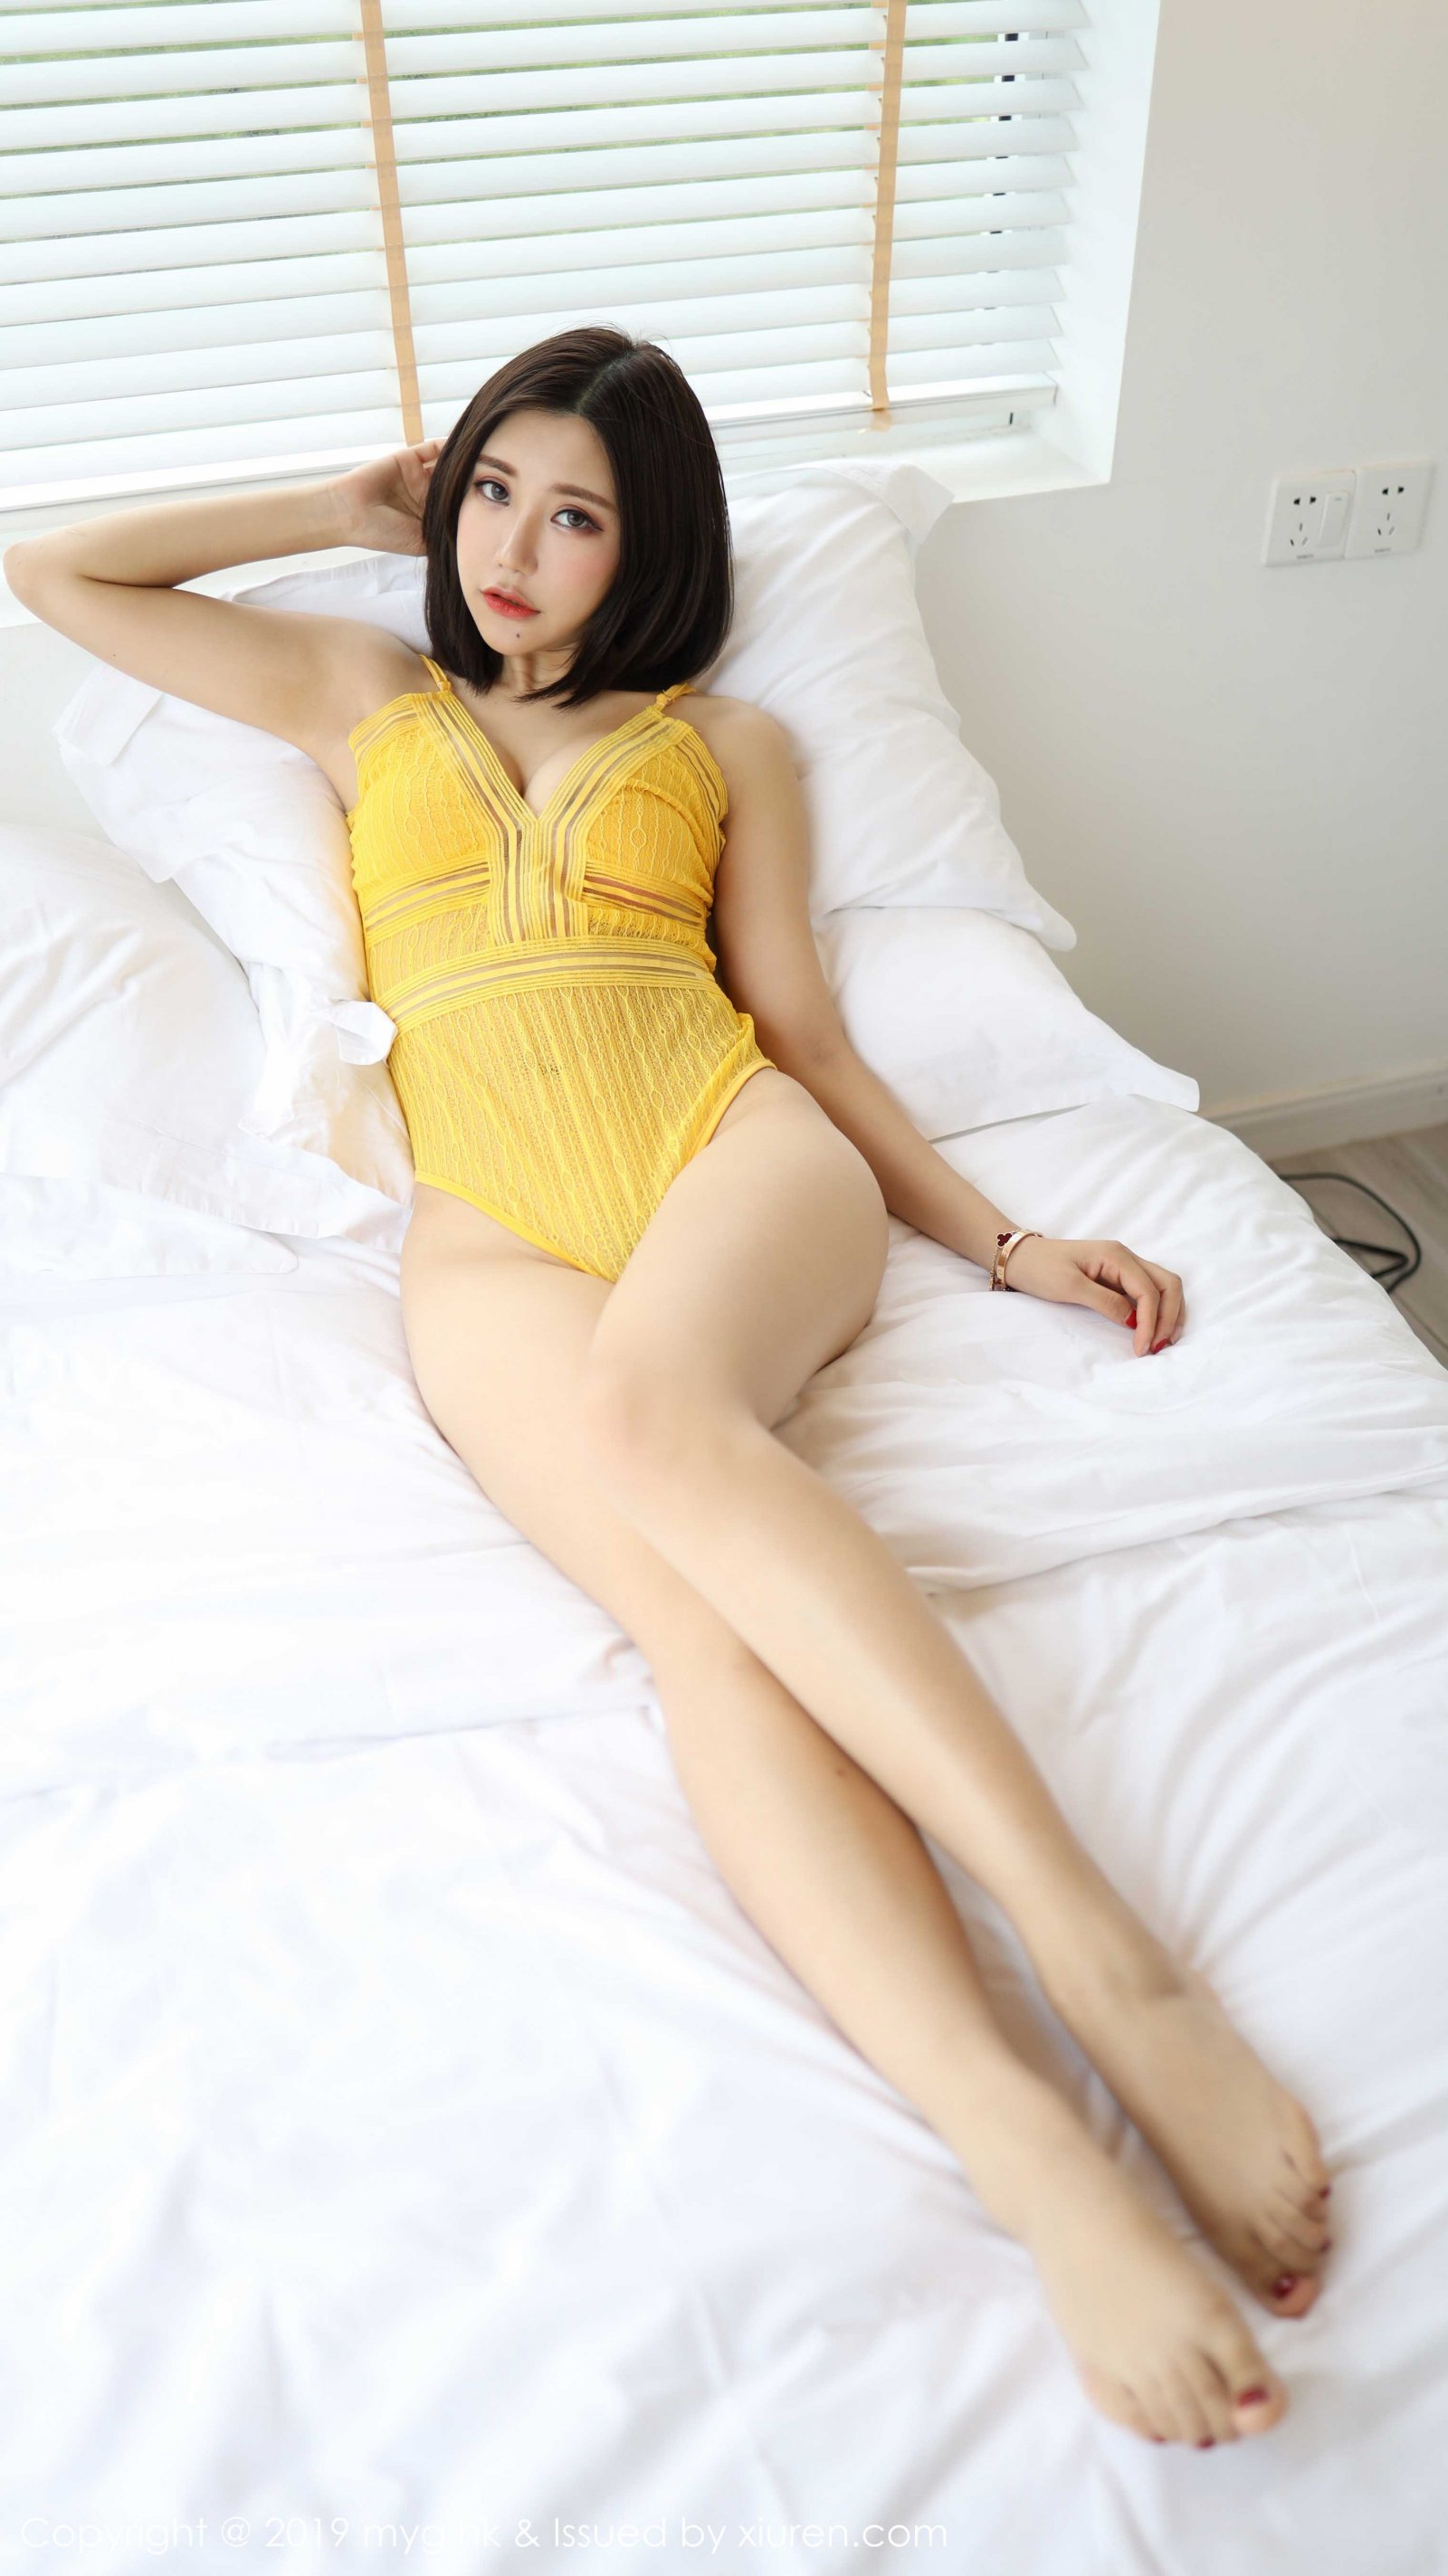 绮里嘉ula(Vol. 0380) 性感mm-第2张